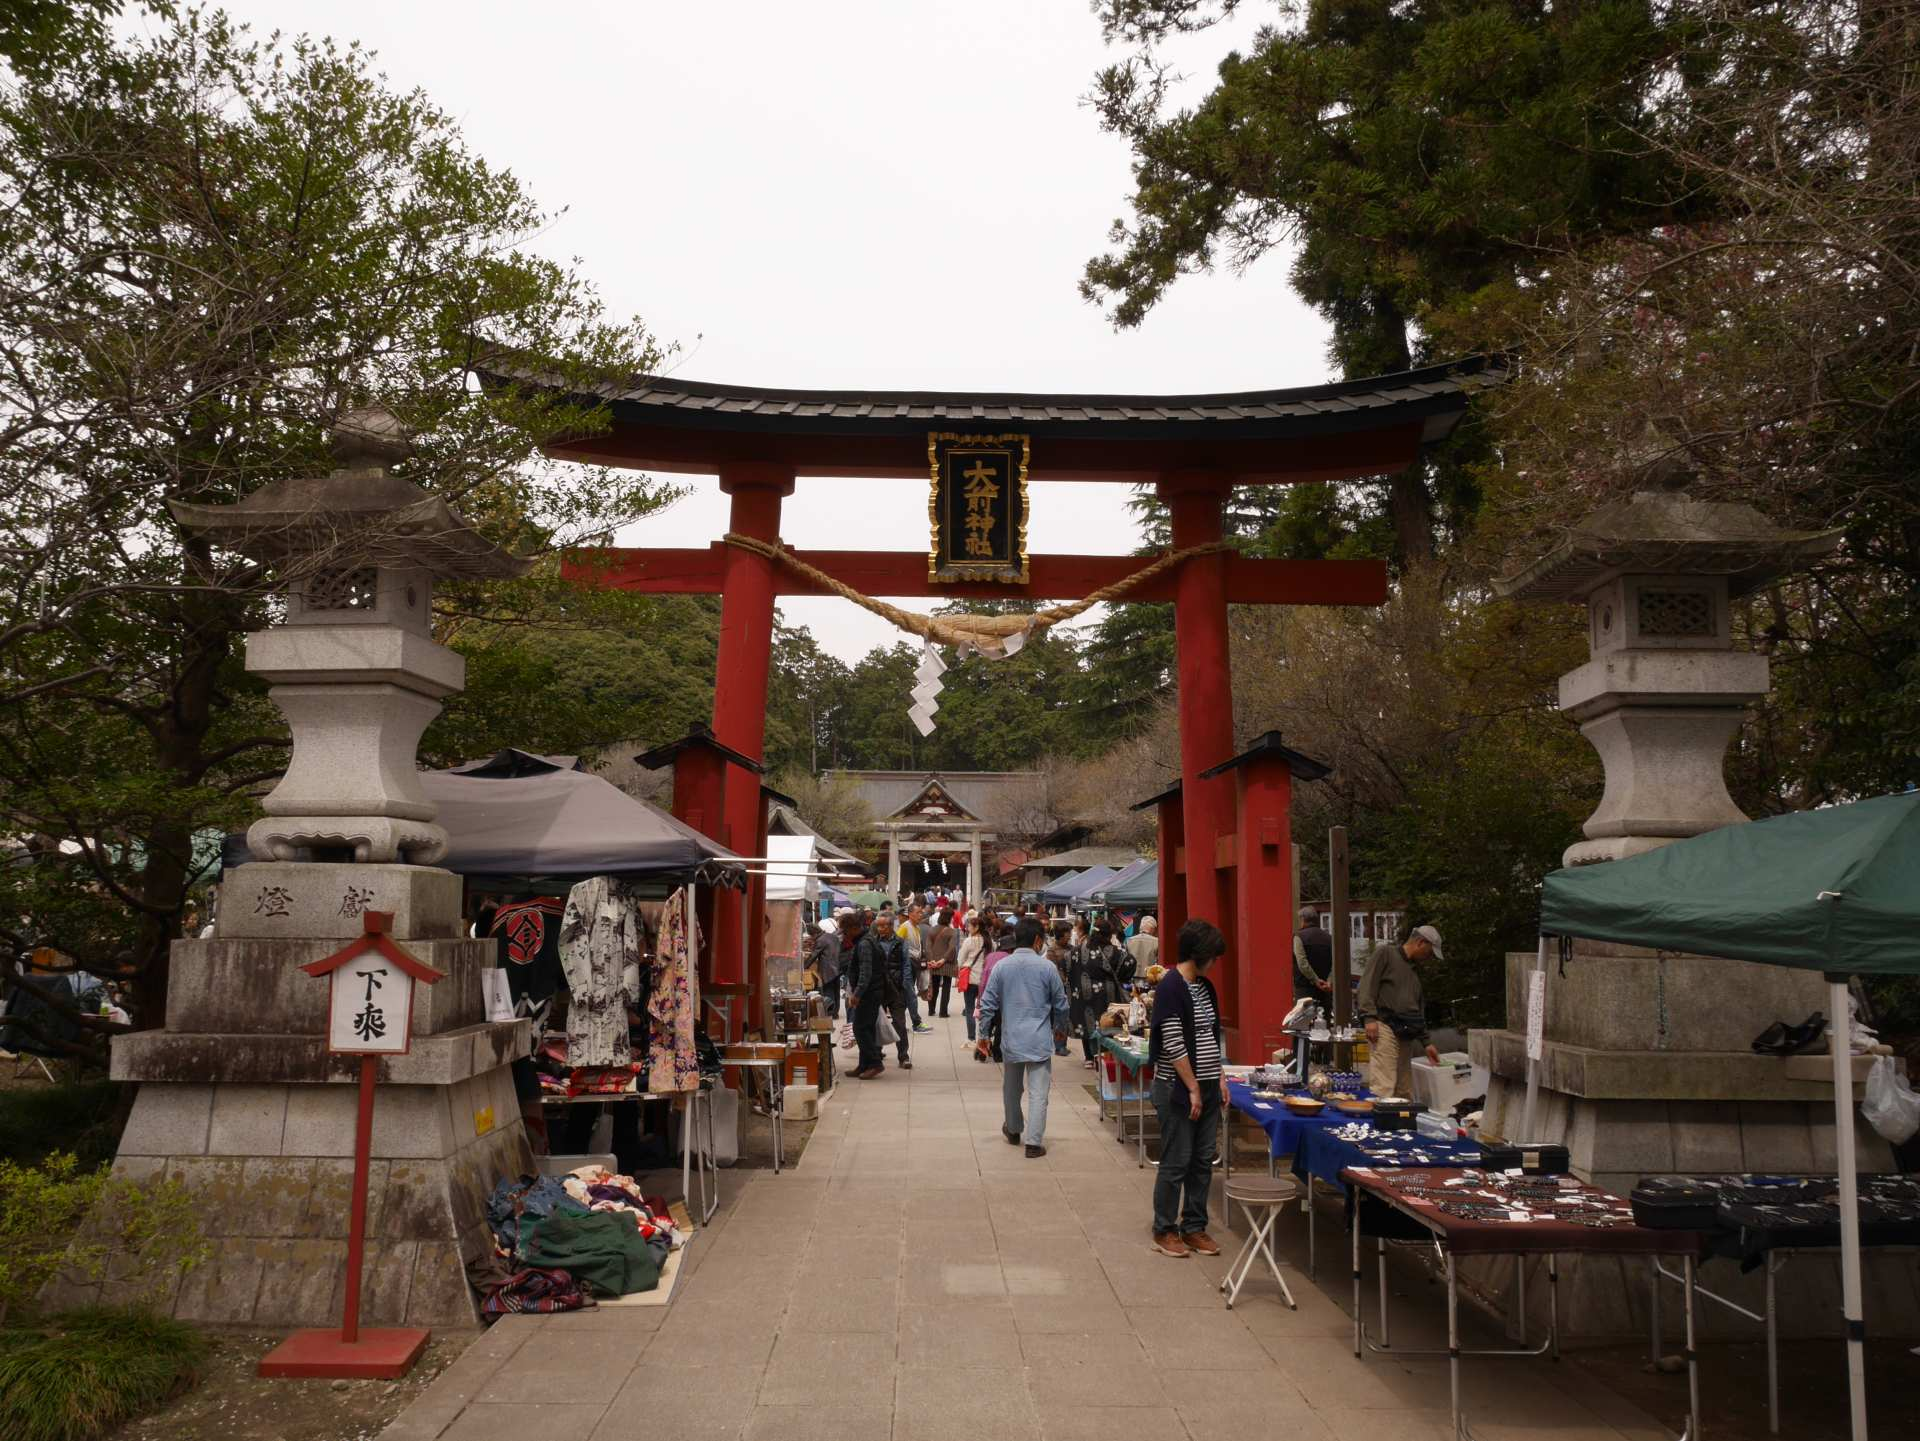 大前惠比壽神社(大前神社)